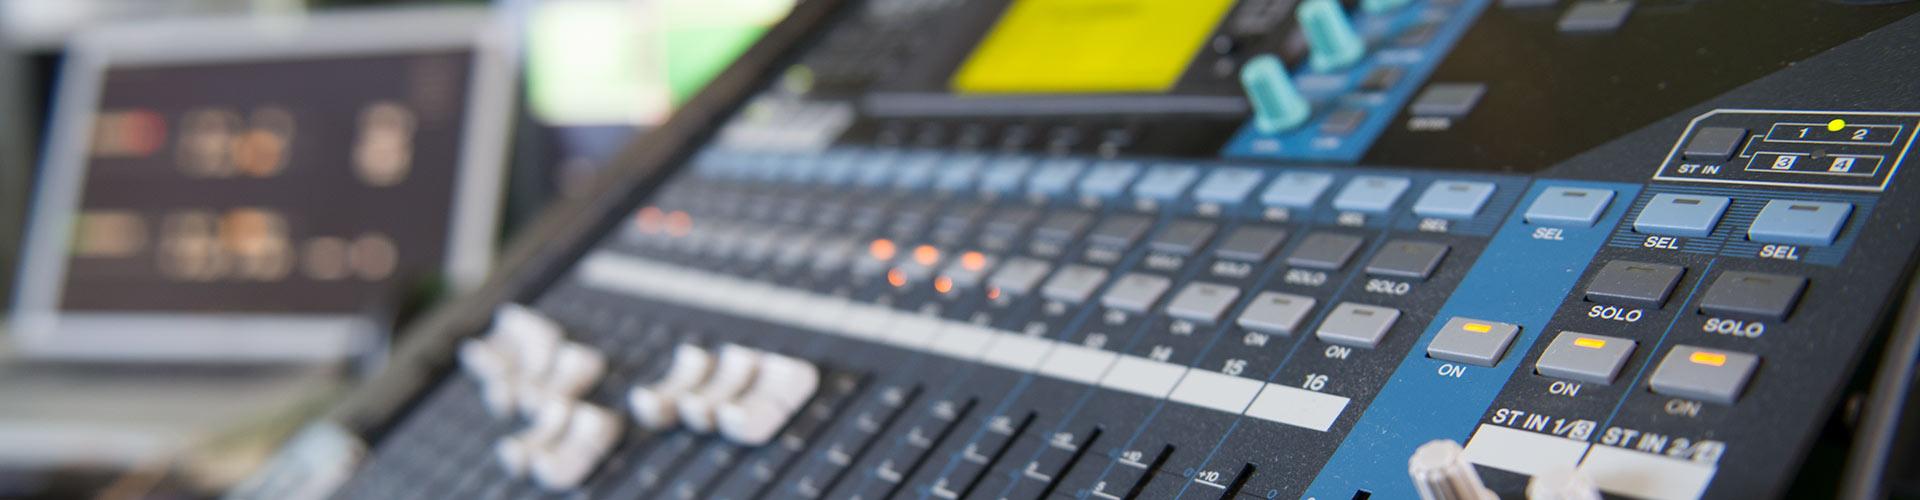 Mixerbord för ljud